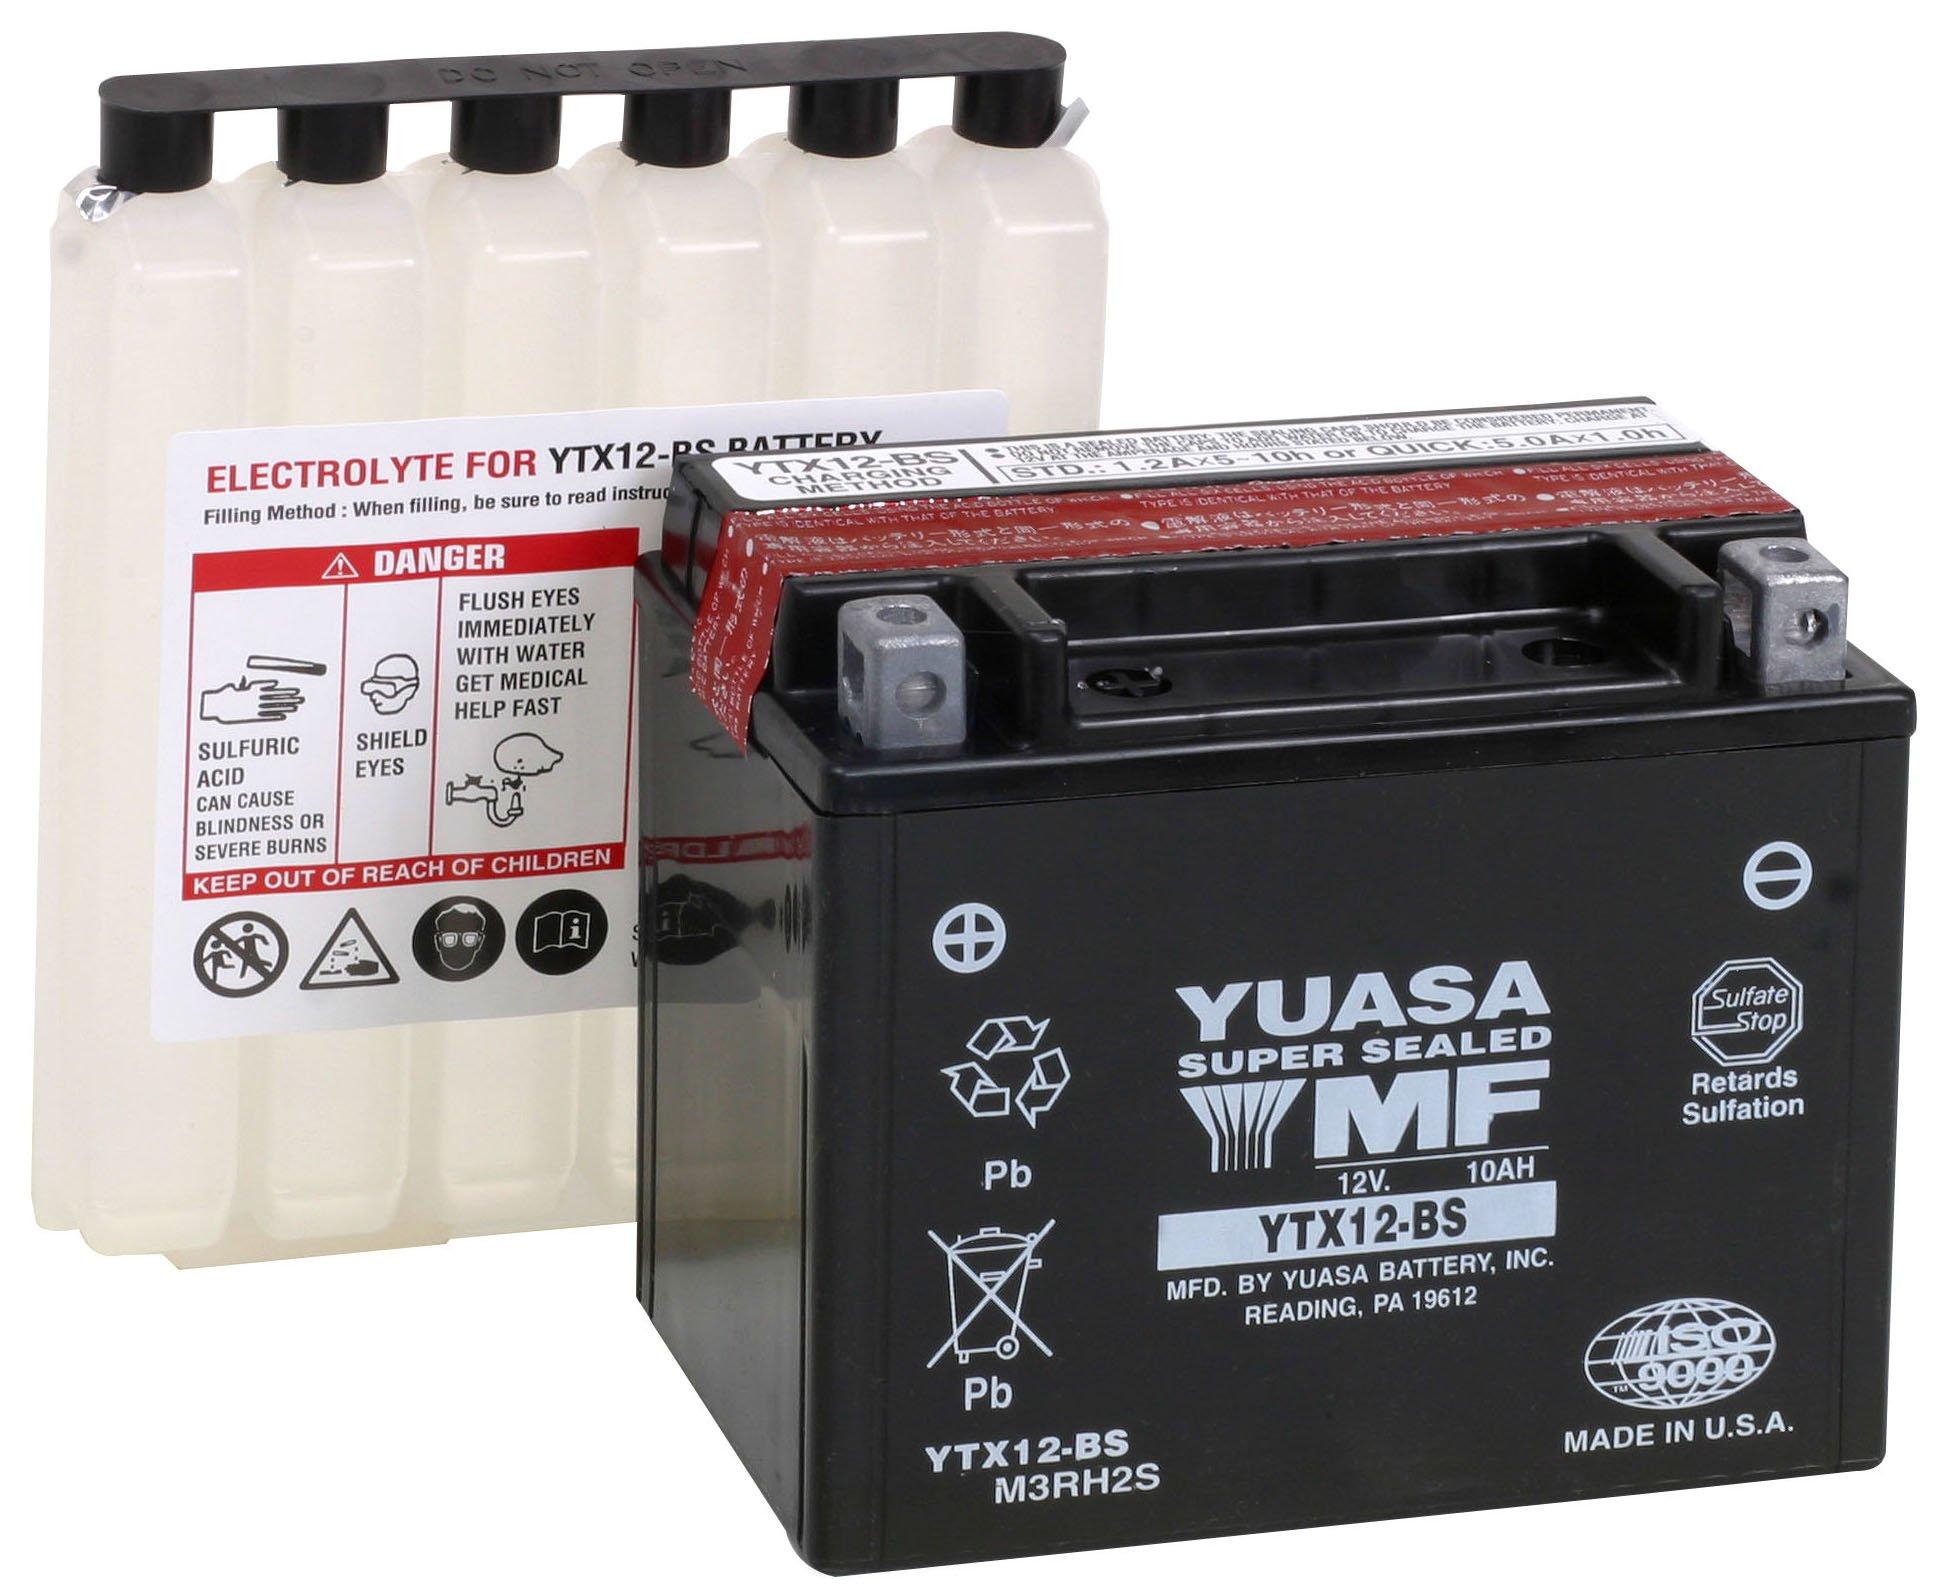 Yuasa YUAM3RH2S YTX12-BS Battery, Multi-Colored